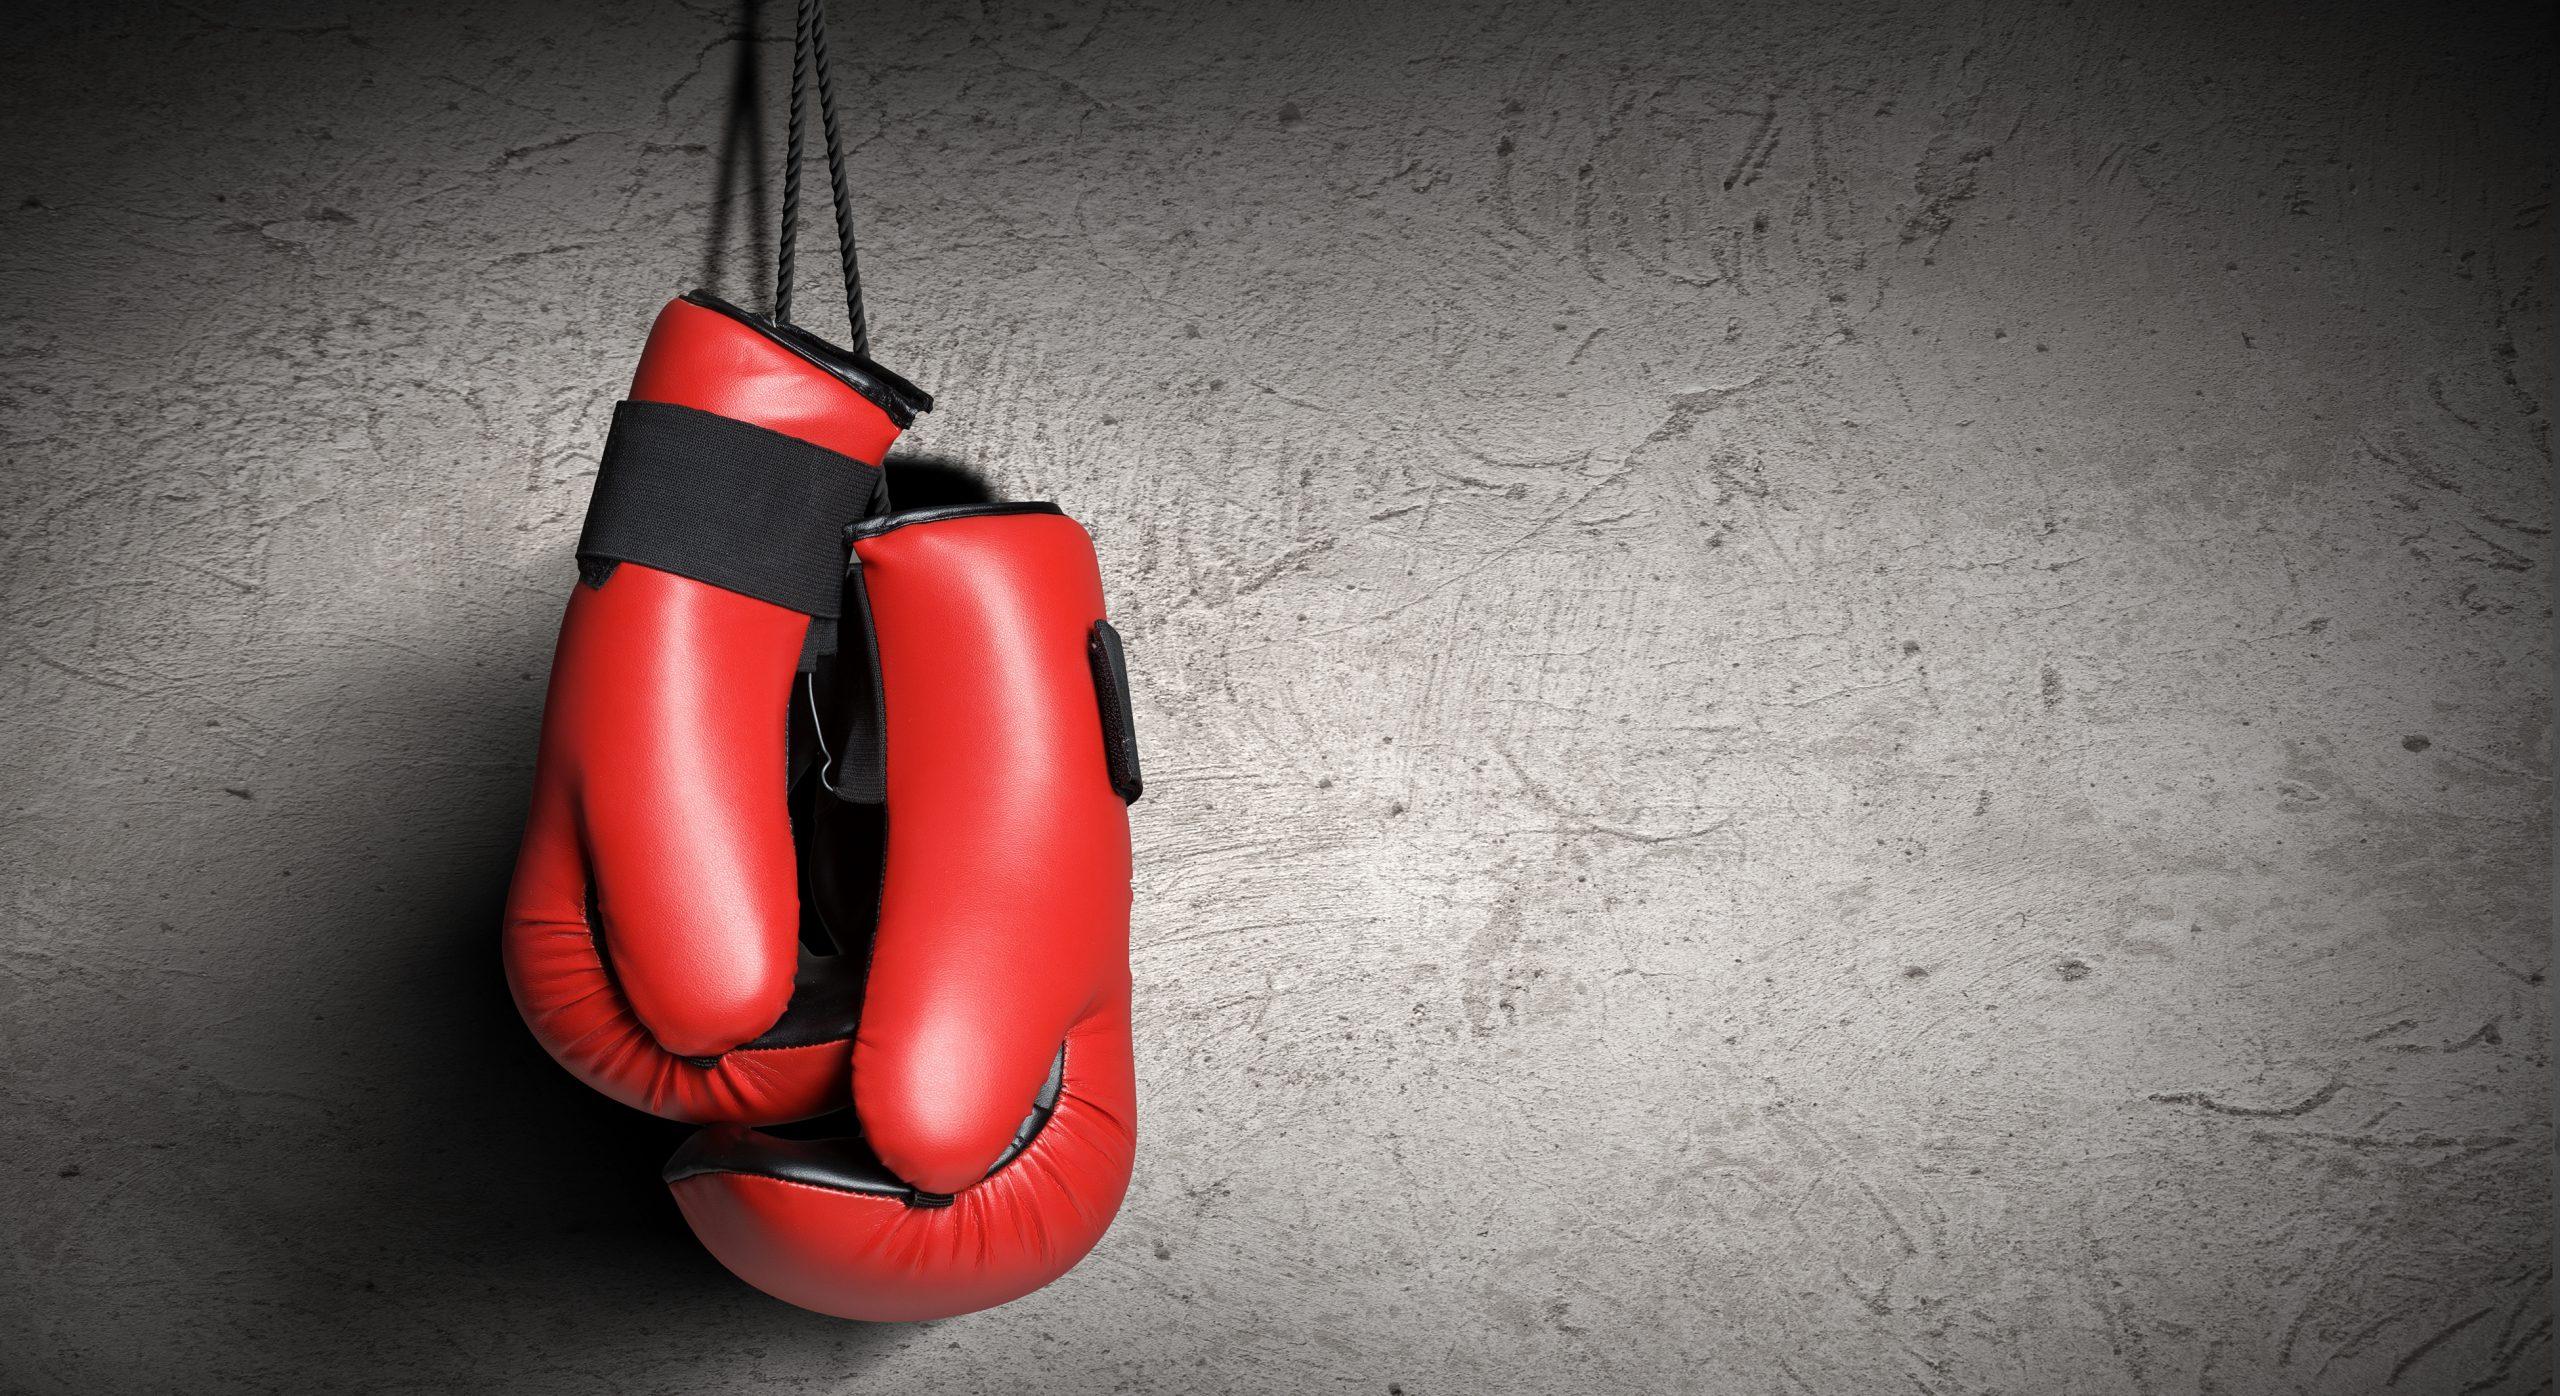 Bokshandschoenen: Wat zijn de beste bokshandschoenen van 2020?